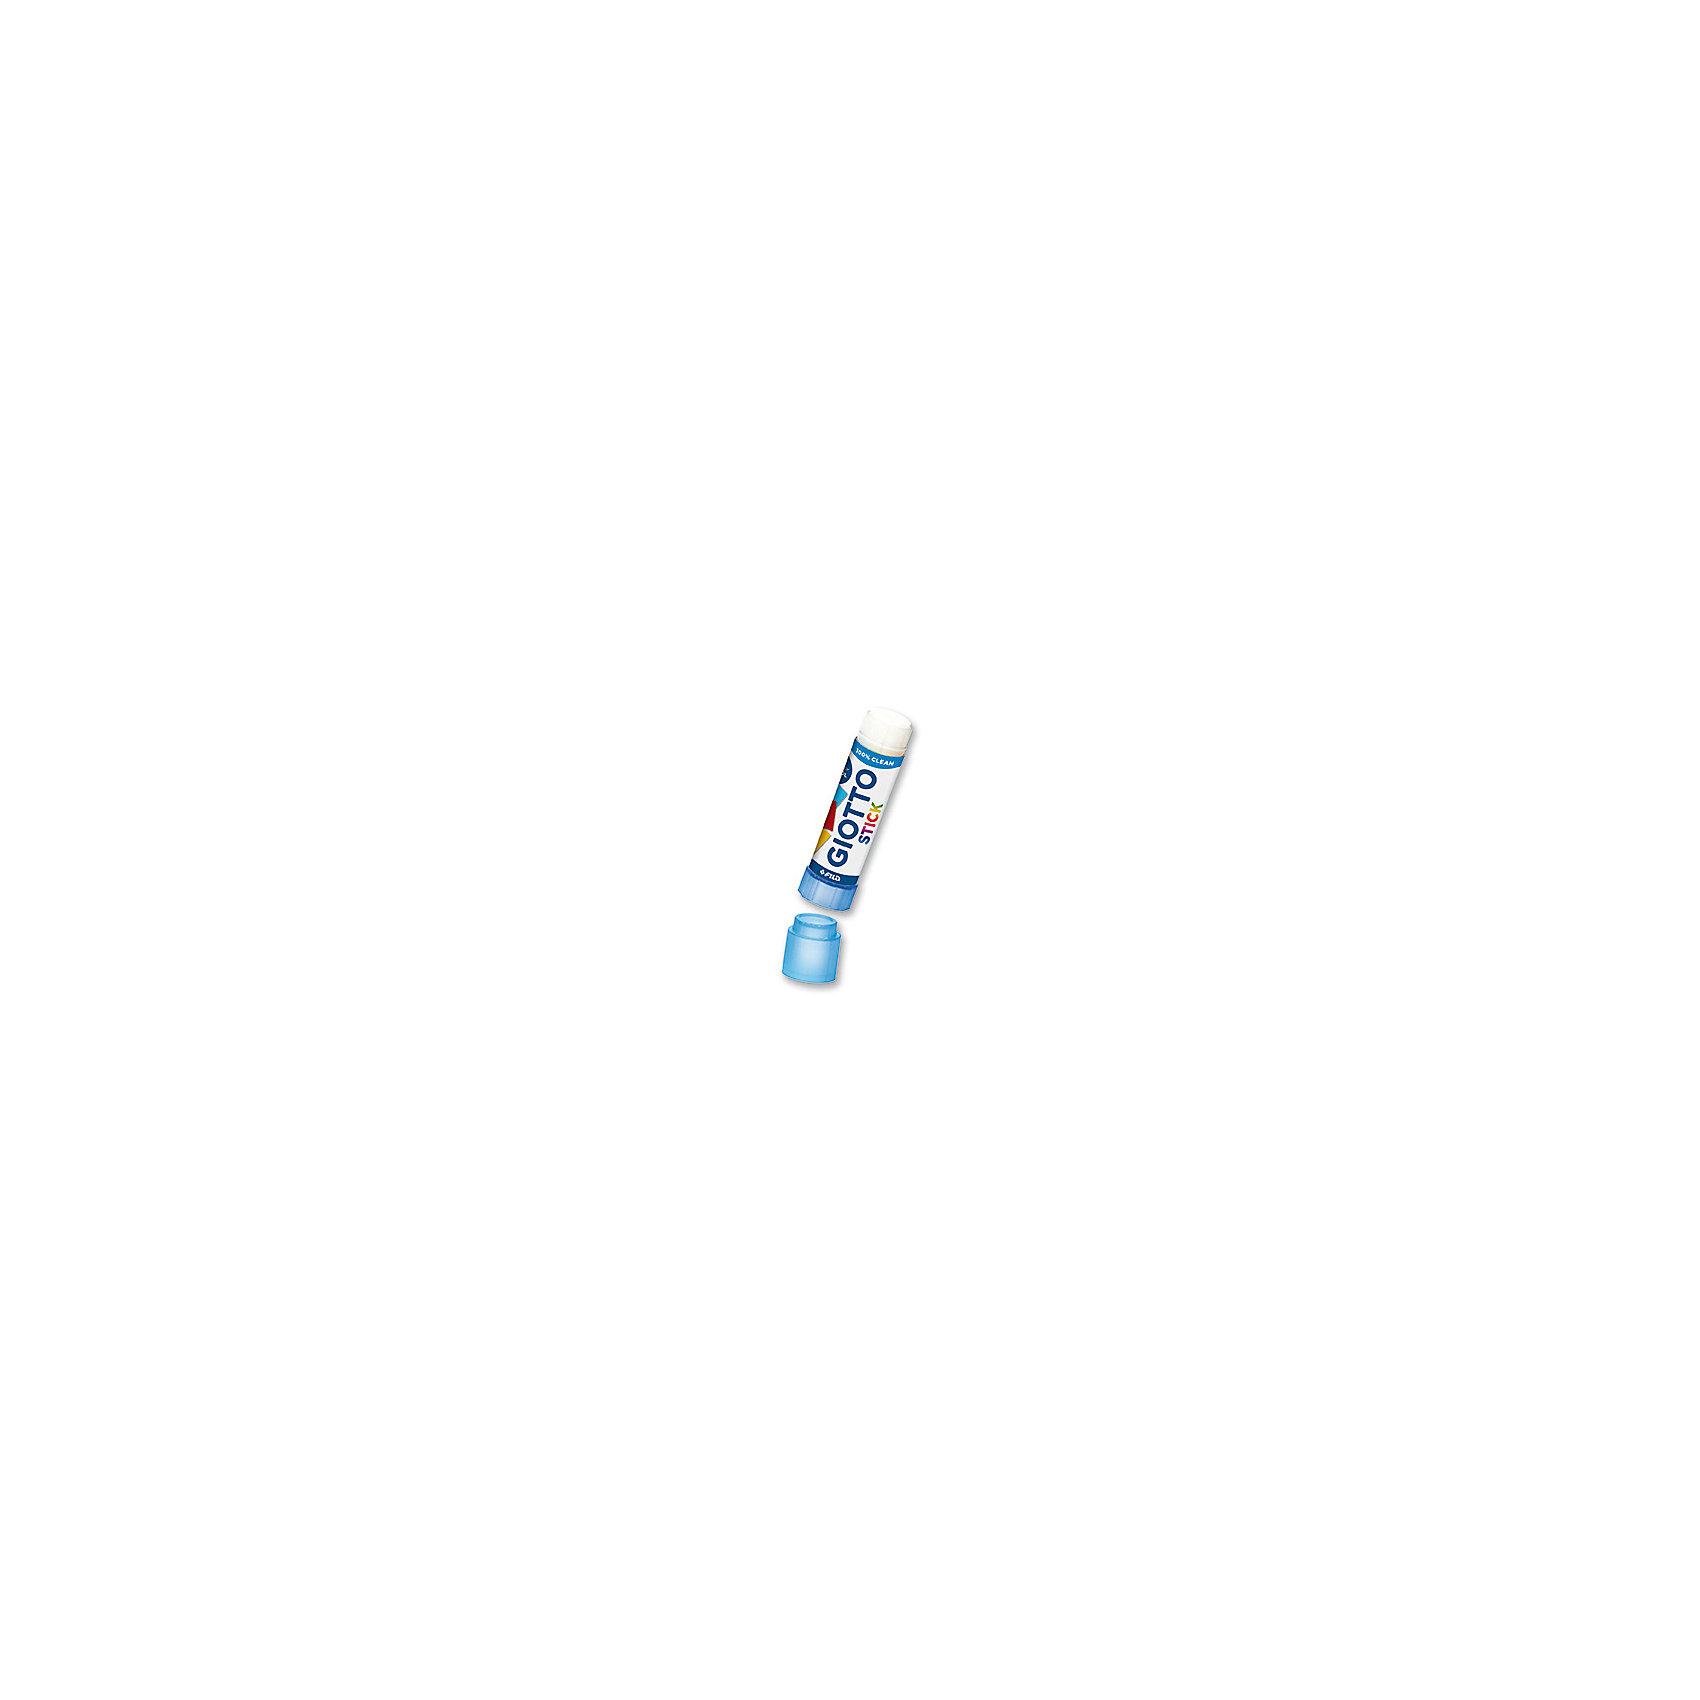 Клей-карандаш для аппликаций, 20 гКлей-карандаш для аппликаций, 20 гр. Удобно использовать для высокоточных работ по склейке картона, бумаги, фотобумаги. Не оставляет следов на одежде. Безопасен для детей. Не токсичен. Быстро высыхает при склеивании.<br><br>Ширина мм: 25<br>Глубина мм: 90<br>Высота мм: 90<br>Вес г: 39<br>Возраст от месяцев: 72<br>Возраст до месяцев: 120<br>Пол: Унисекс<br>Возраст: Детский<br>SKU: 5107827